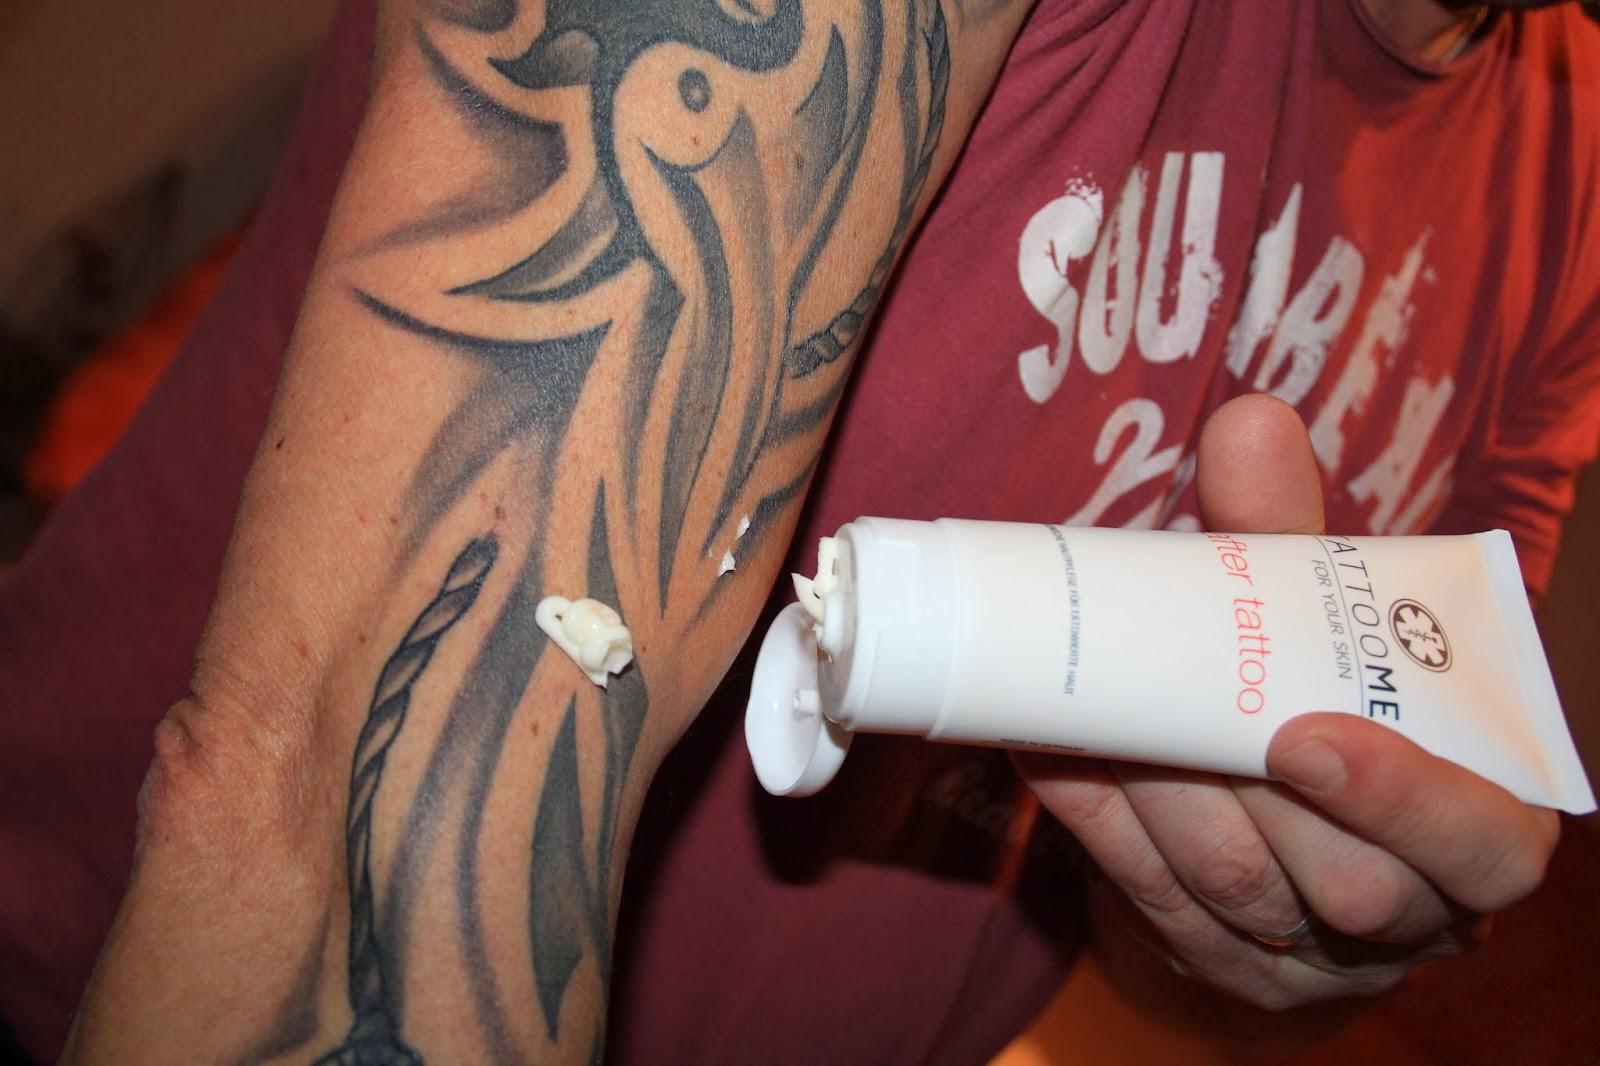 JuCheer testet: TattooMed - Pflege für tätowierte Haut - Tattoo Pflege Bepanthen